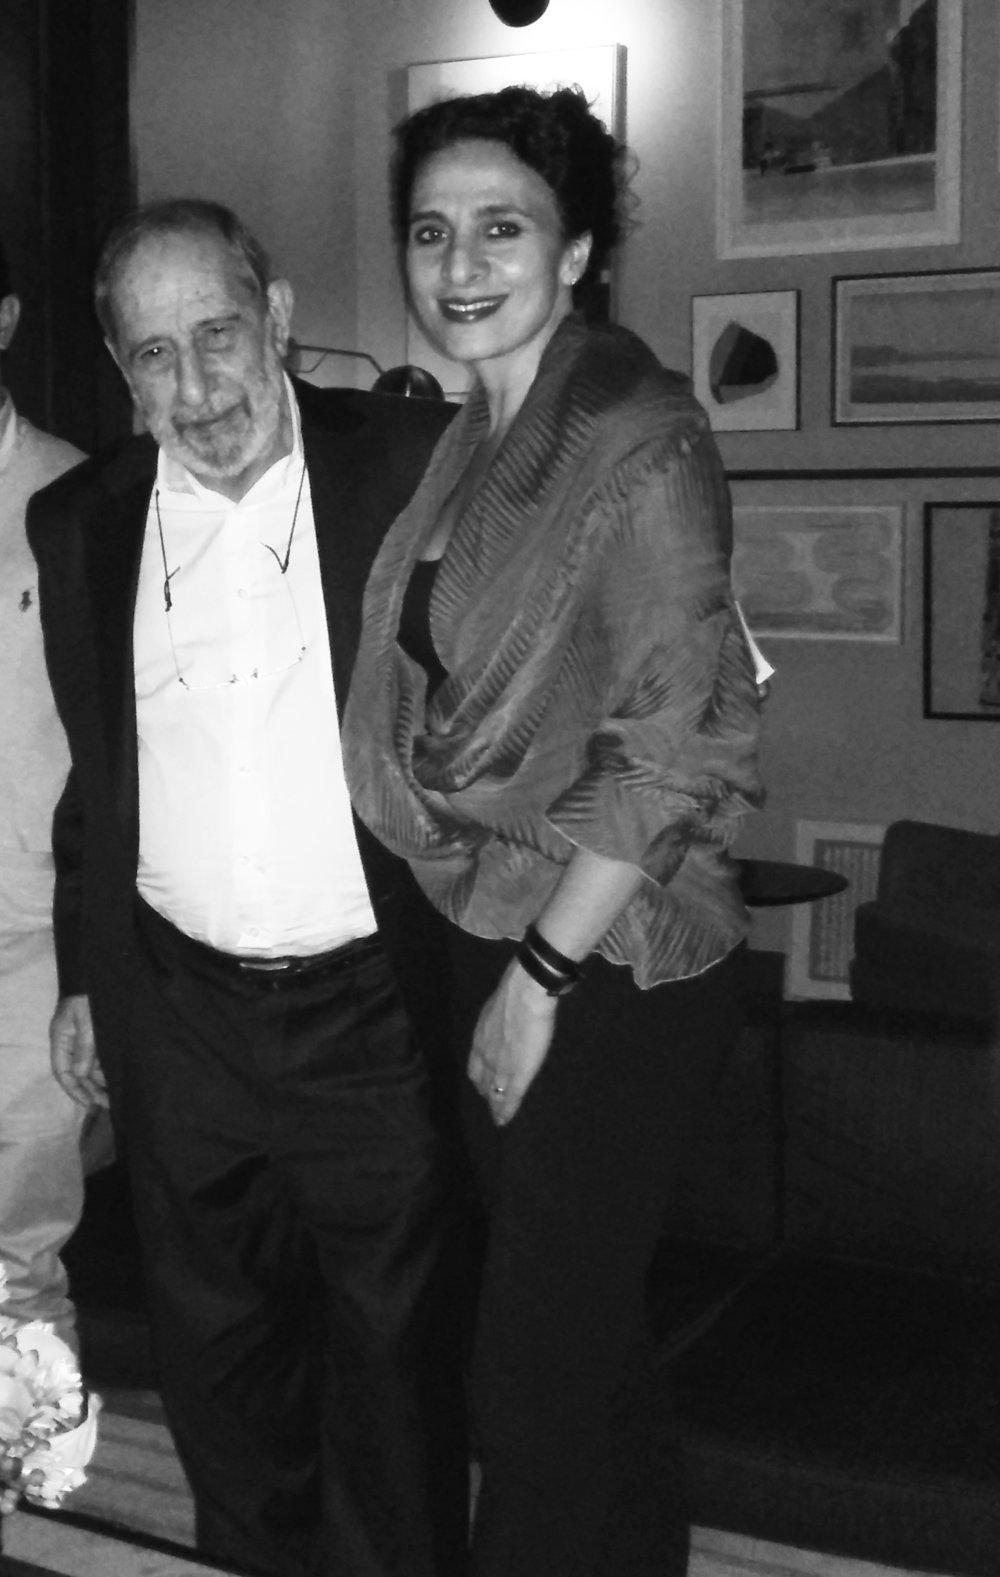 Hana with Alvaro Siza.